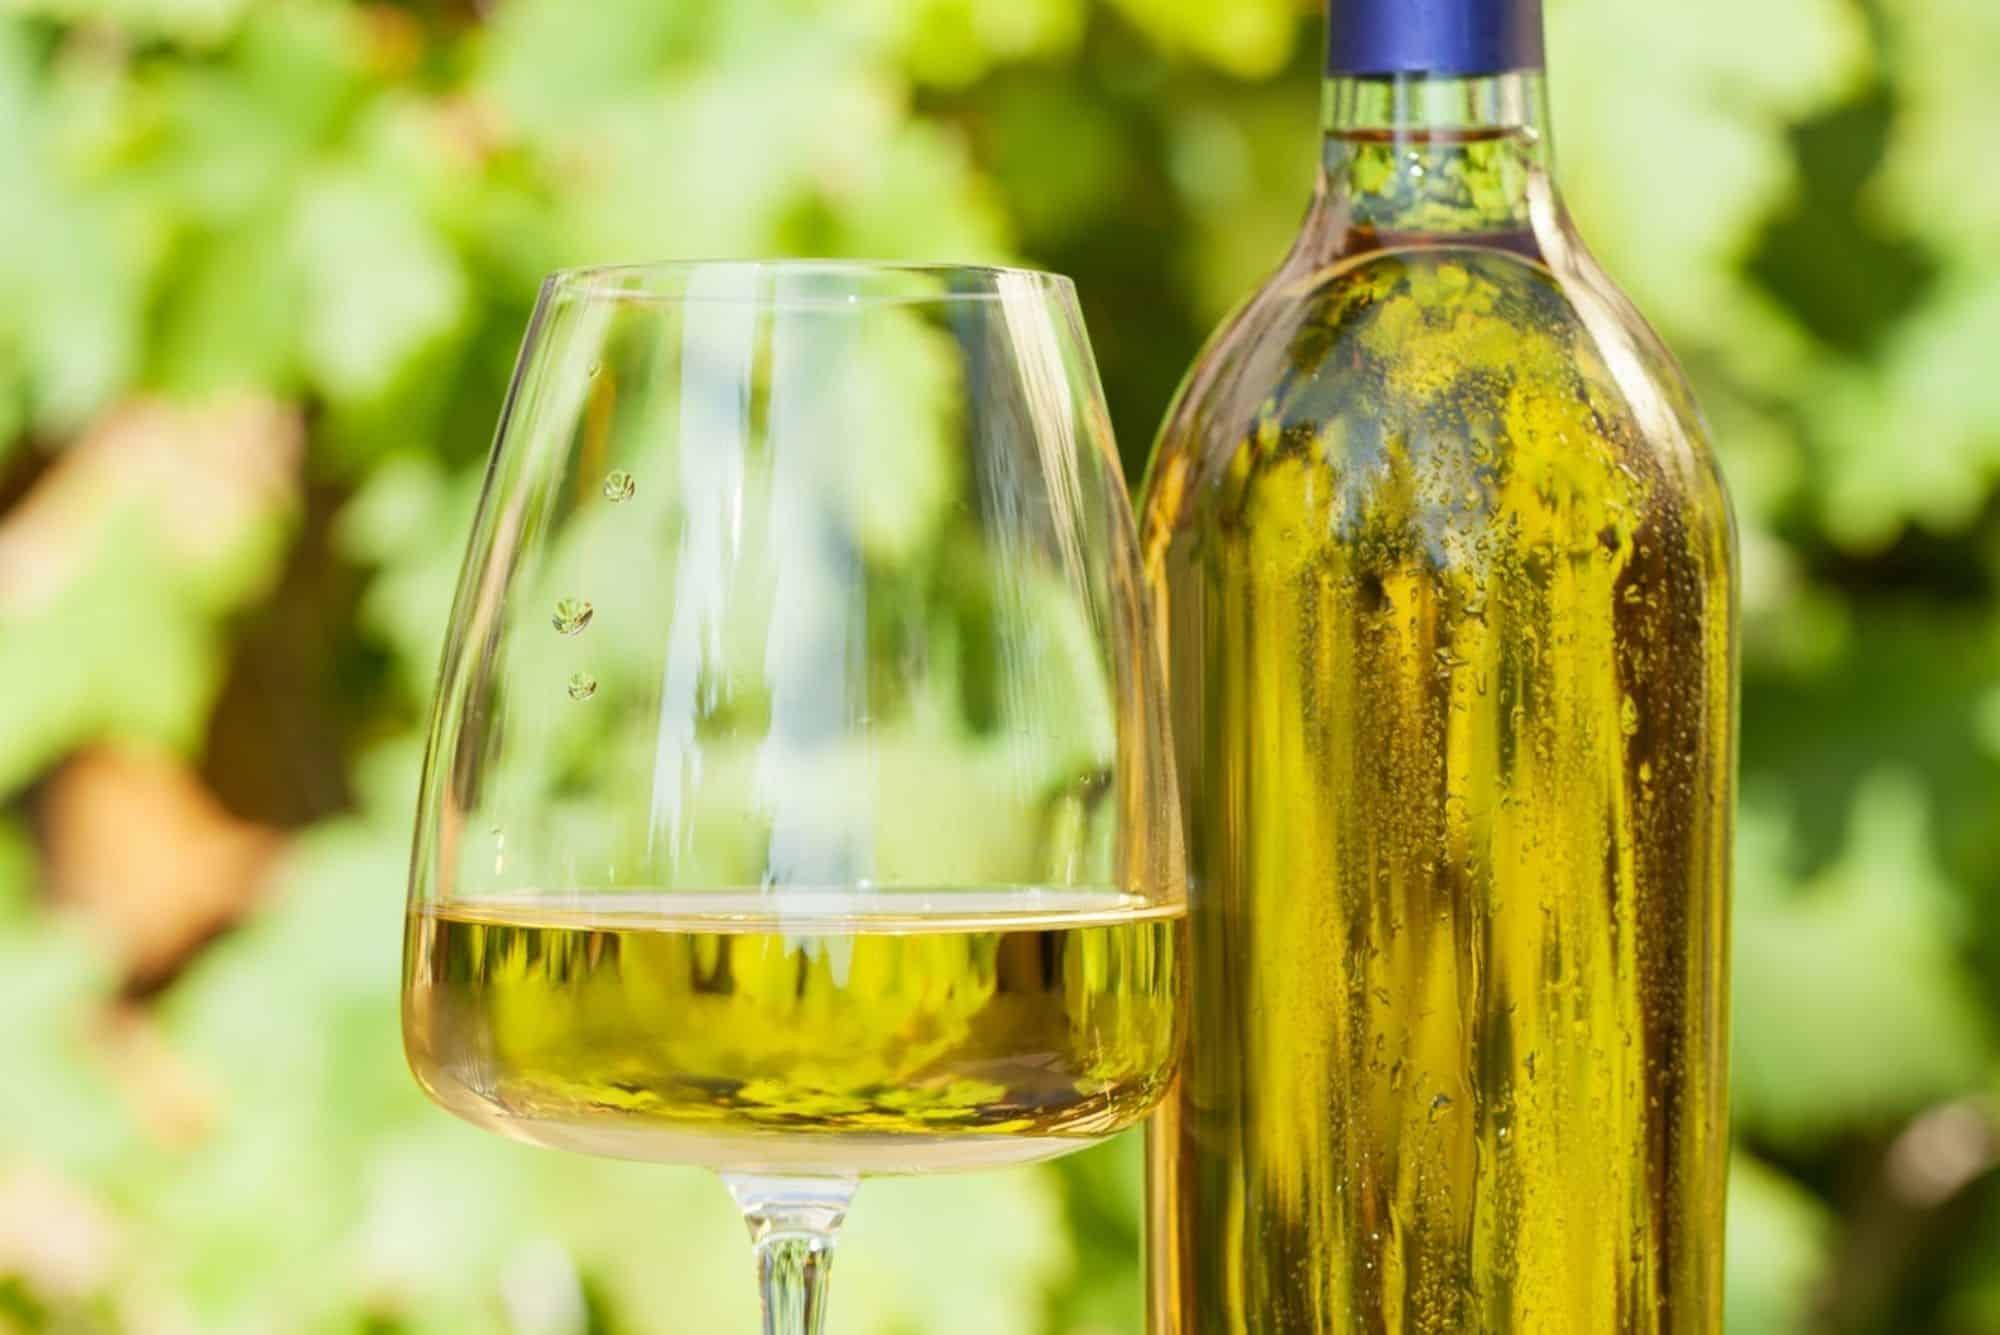 vino bianco campano